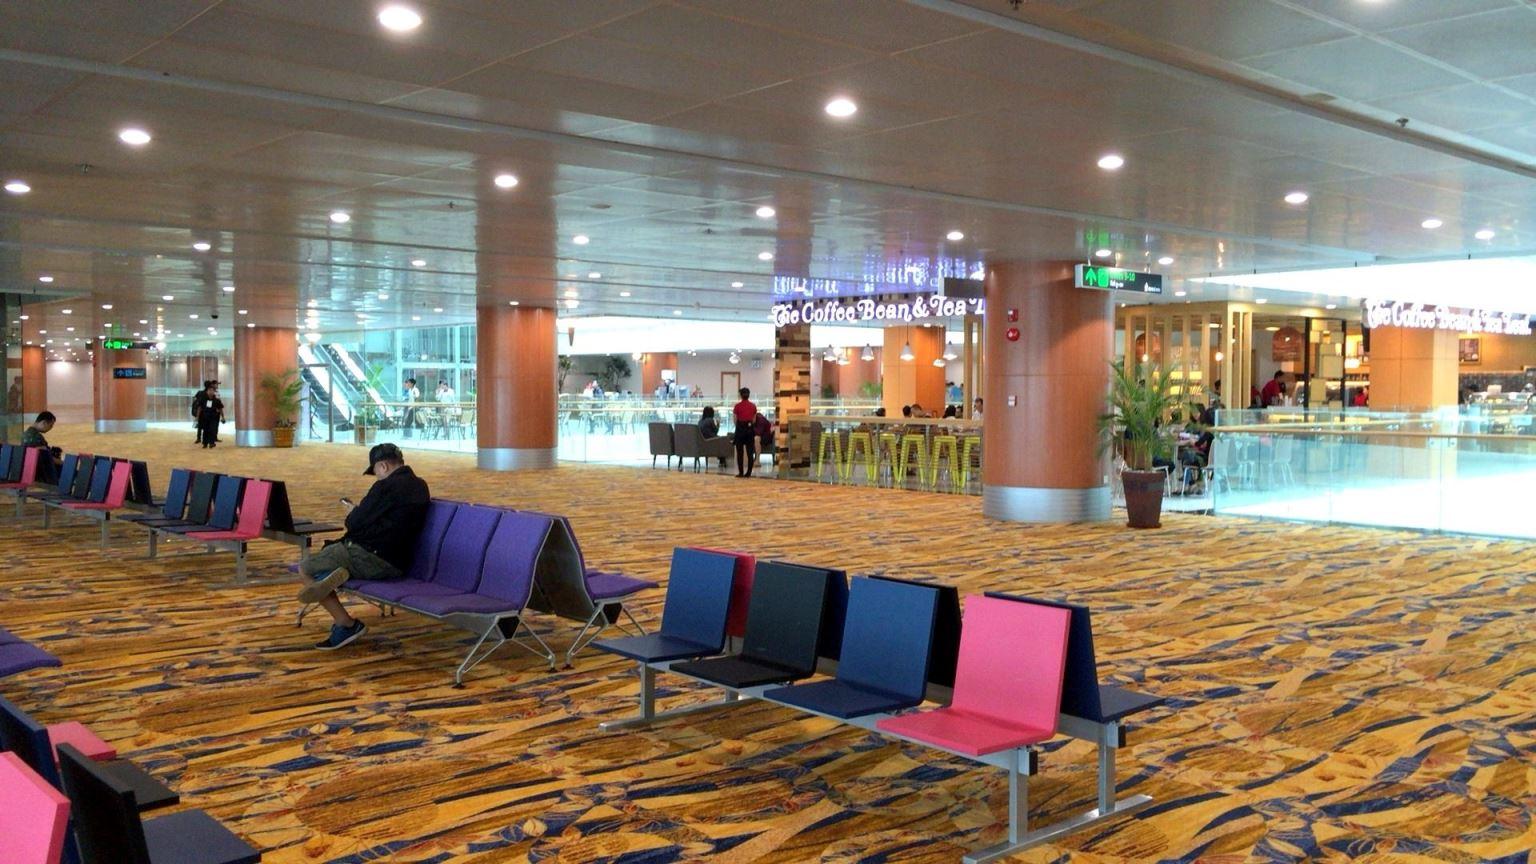 ヤンゴン国際空港の新ターミナル